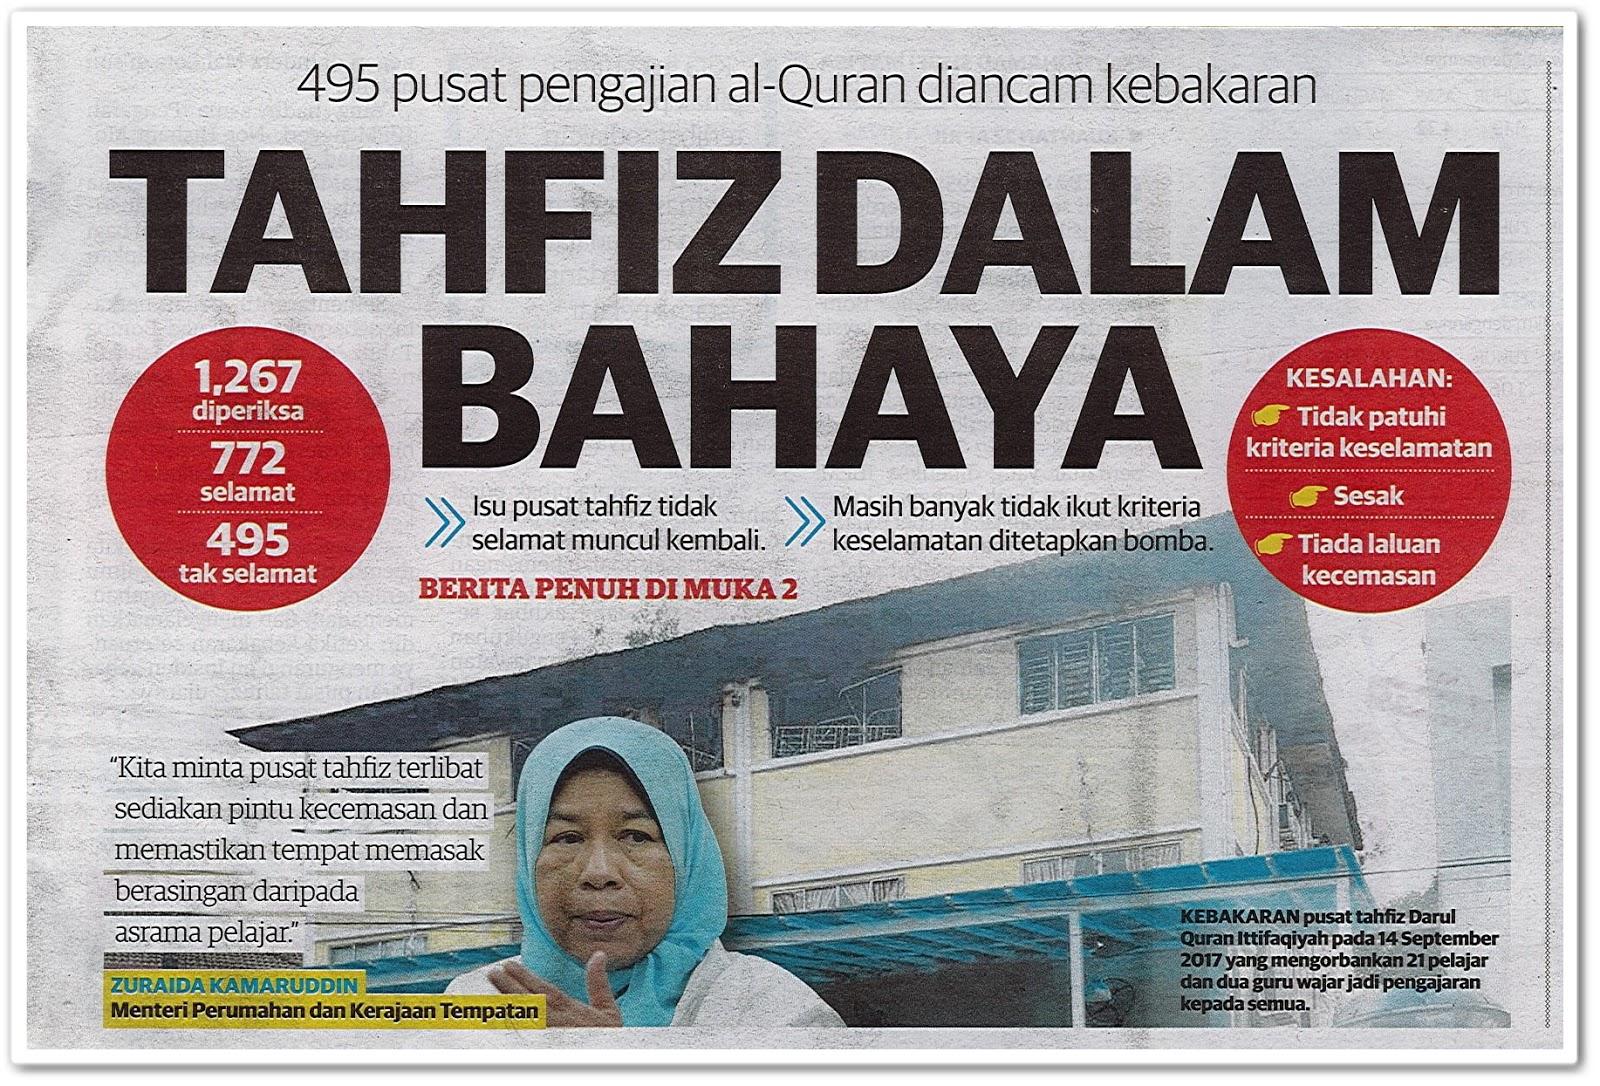 Tahfiz dalam bahaya - Keratan akhbar Utusan Malaysia 23 April 2019